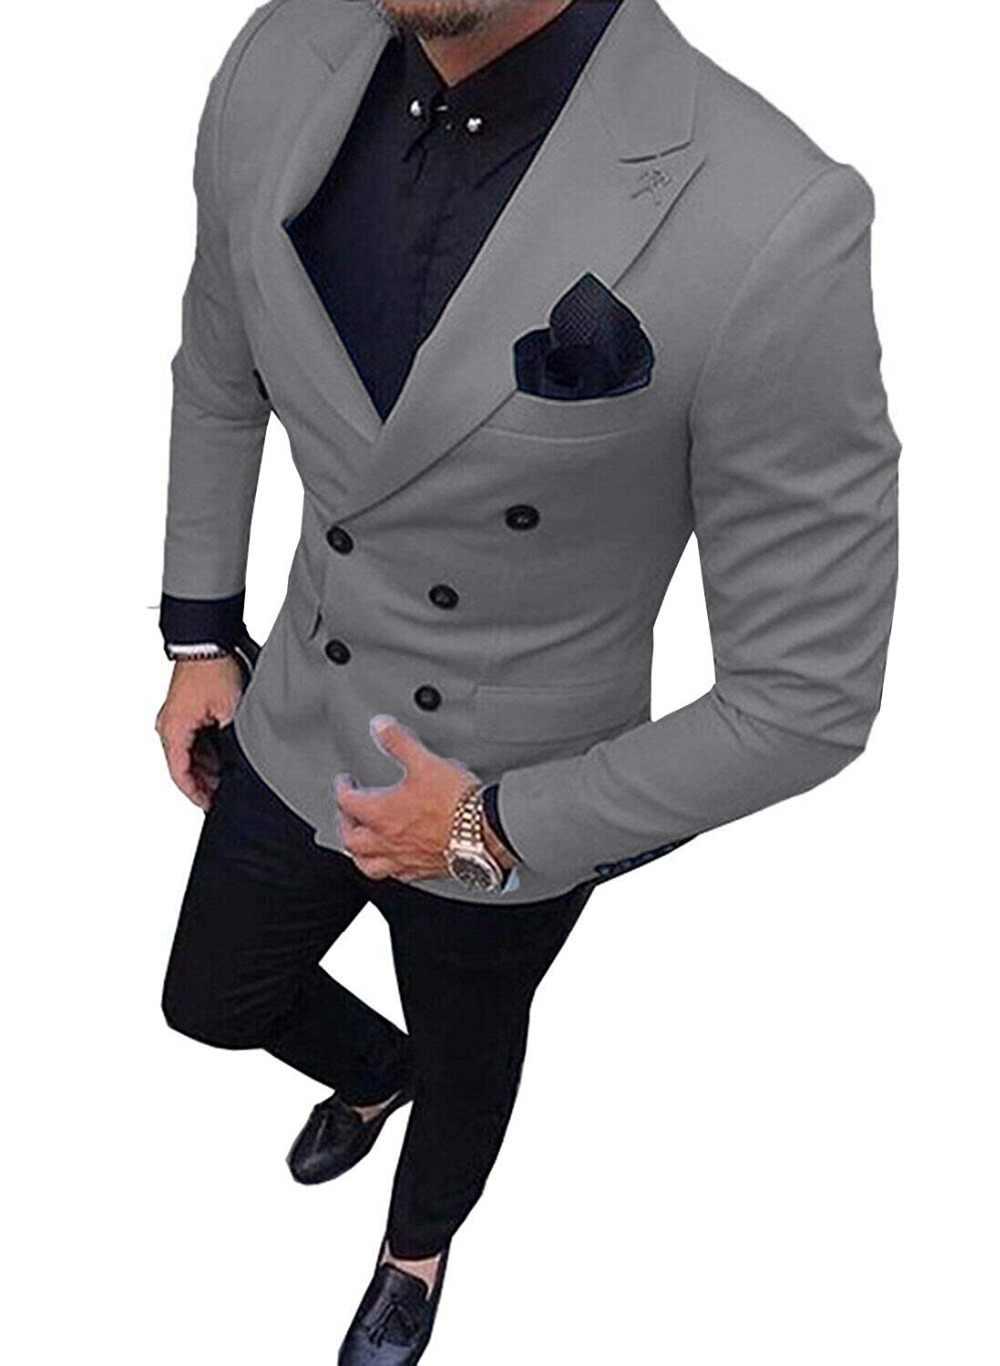 メンズスーツスリムフィット 2 個ダブルブレストビジネス新郎ジャケットタキシードブレザースーツ結婚式ウエディングイブニング (ブレザー + パンツ)